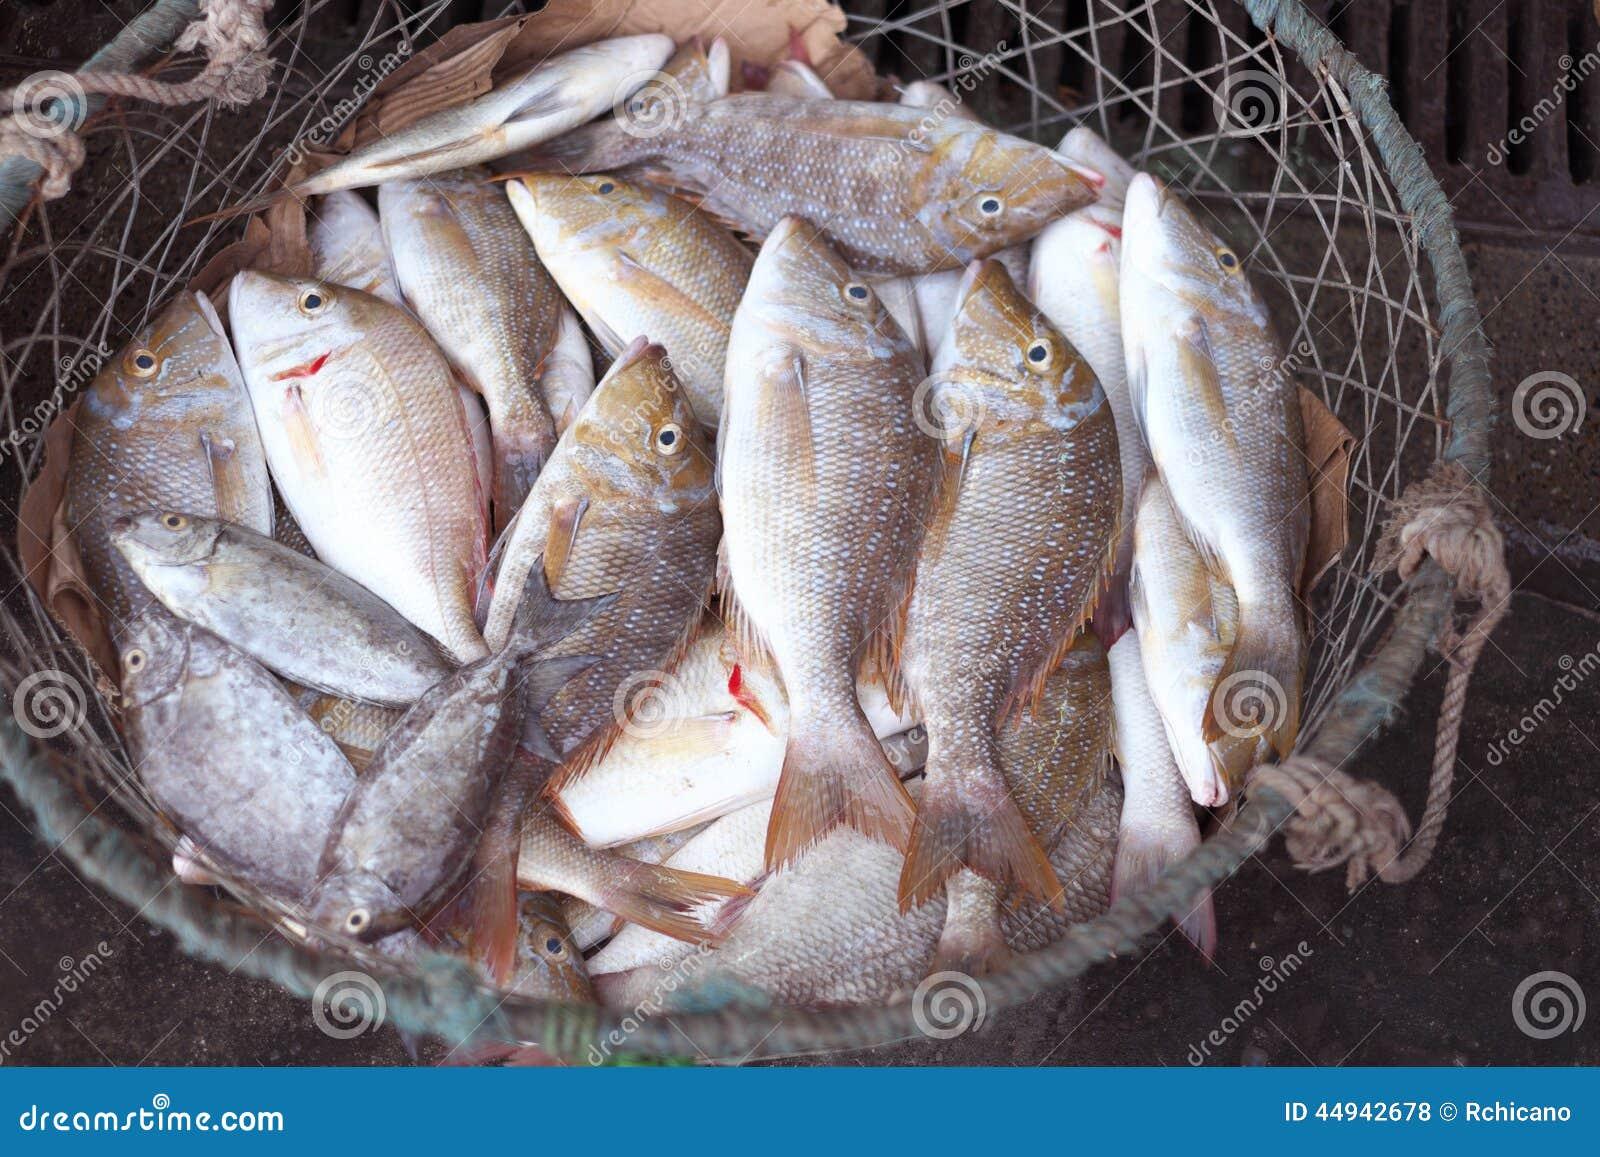 Fresh fish in dubai fish market stock photo image of for Fishing in dubai